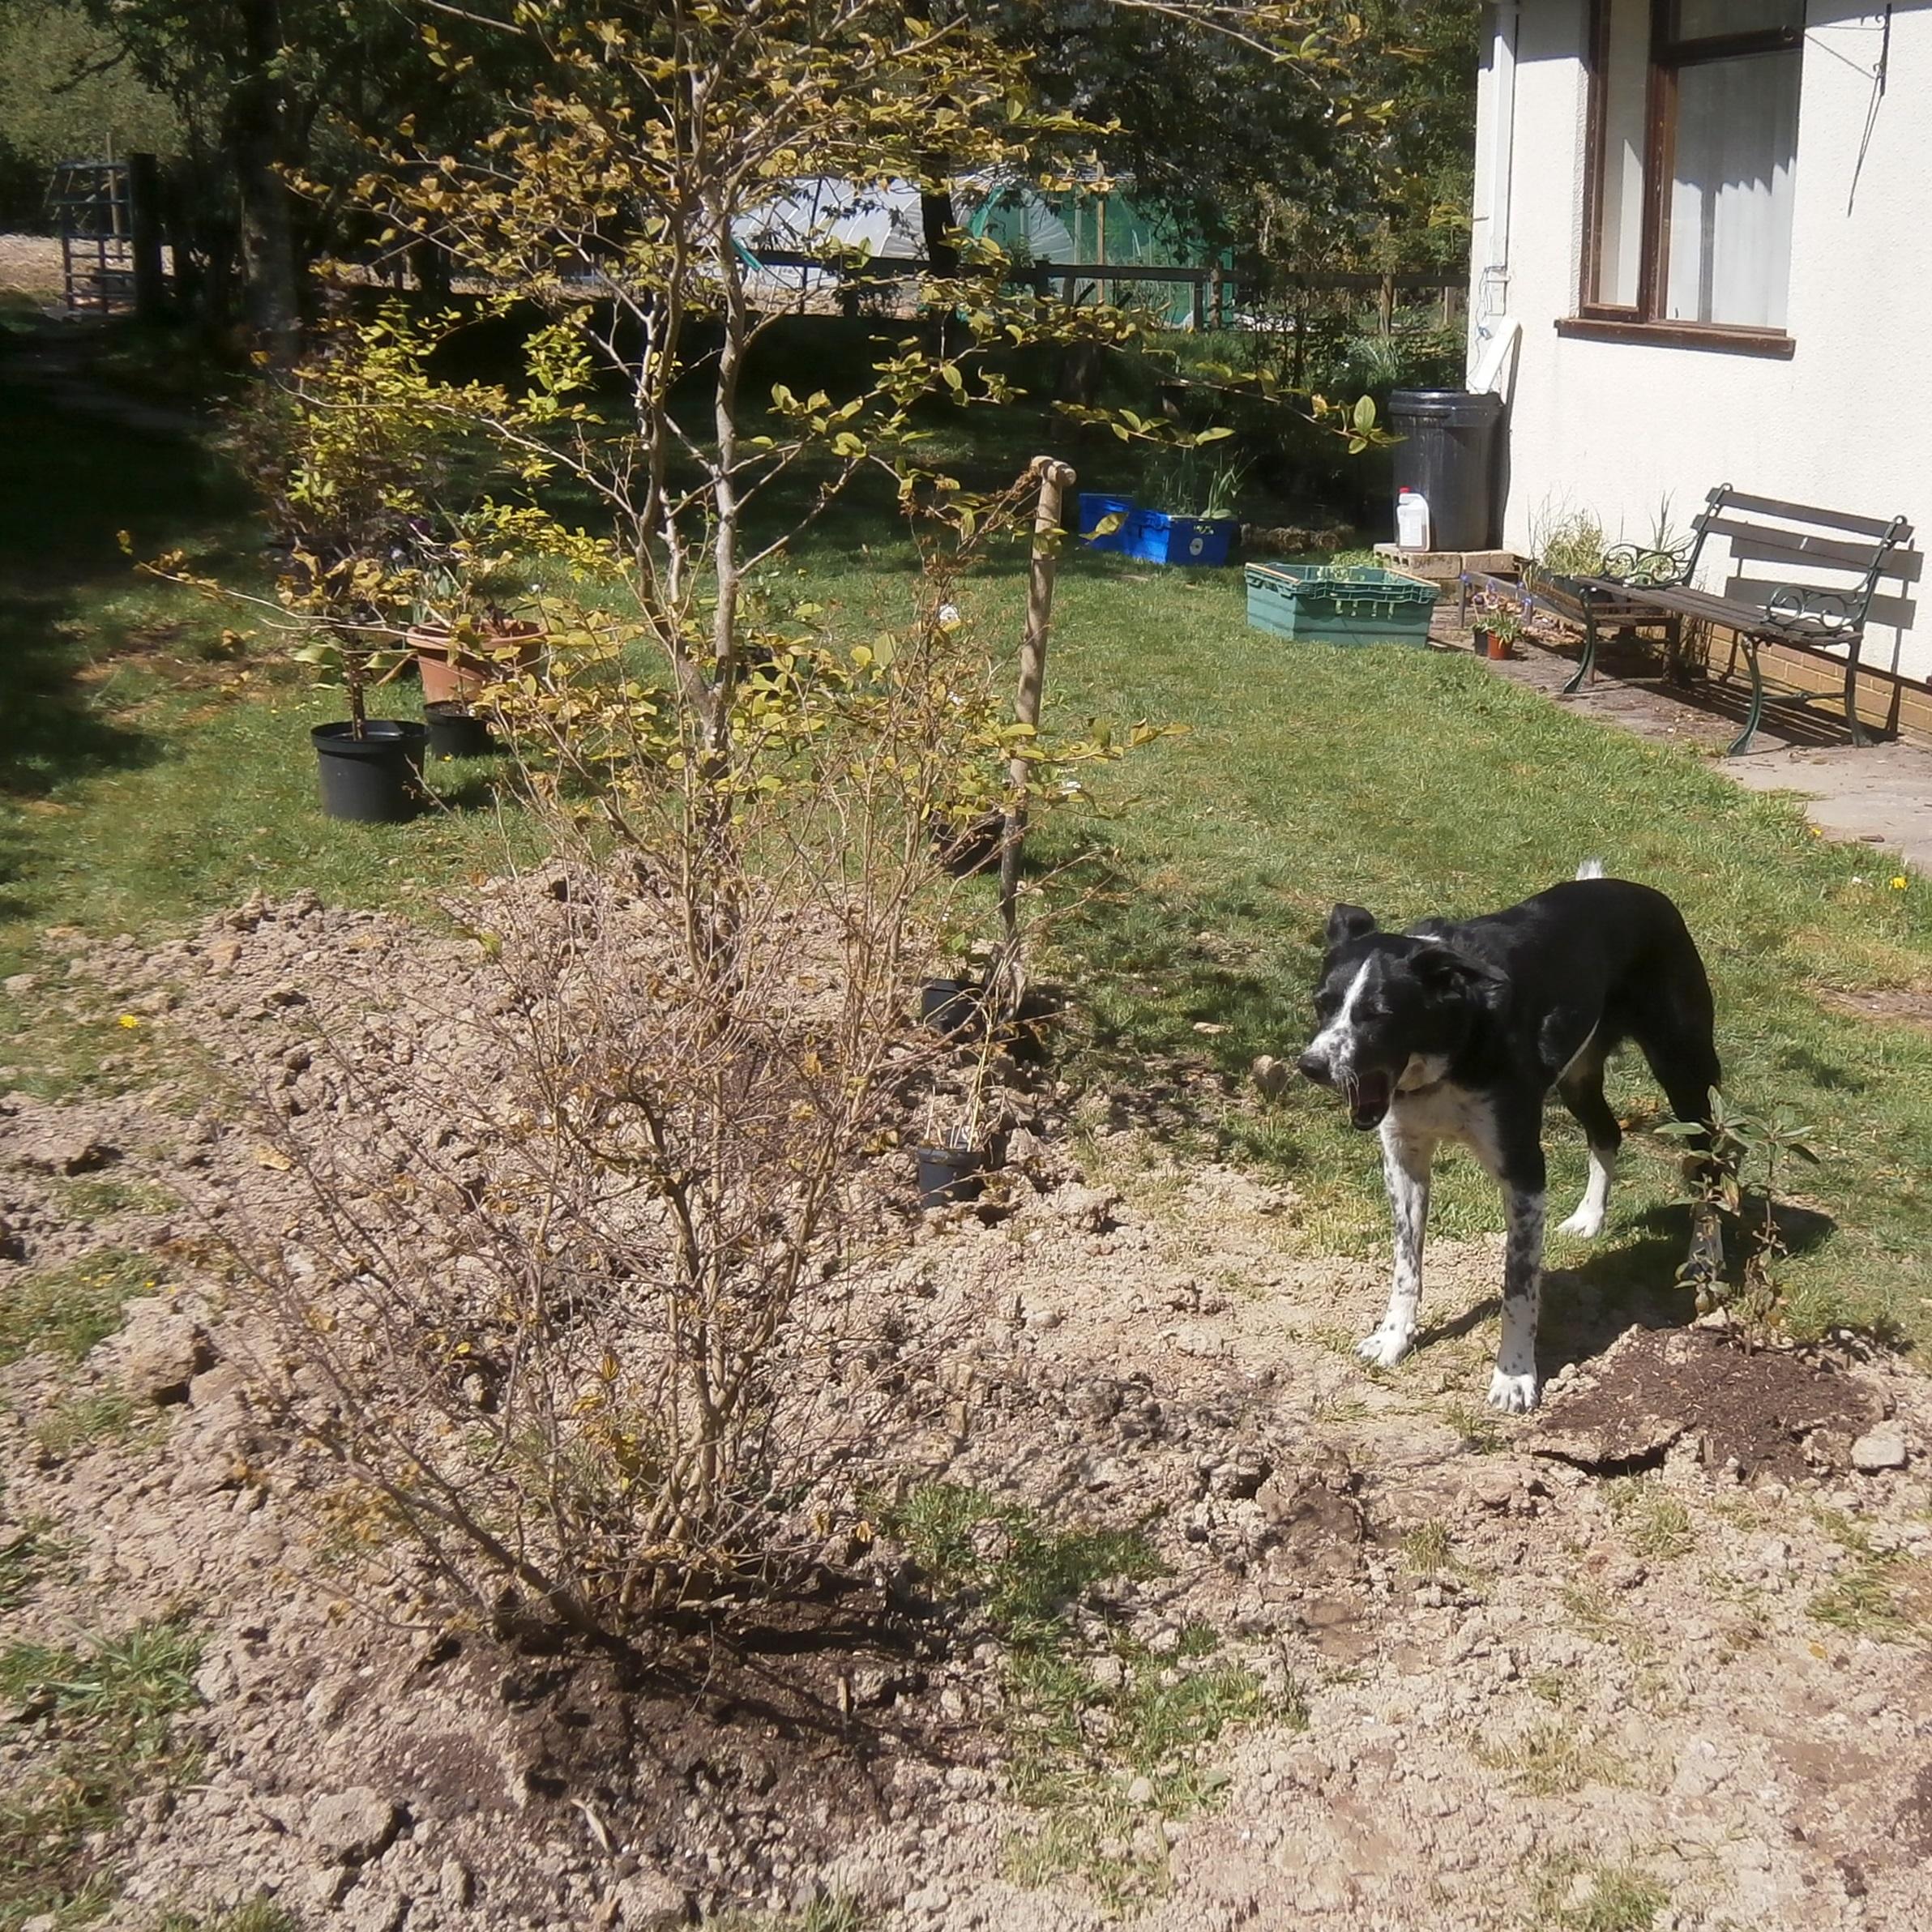 Yawn, she's gardening again.